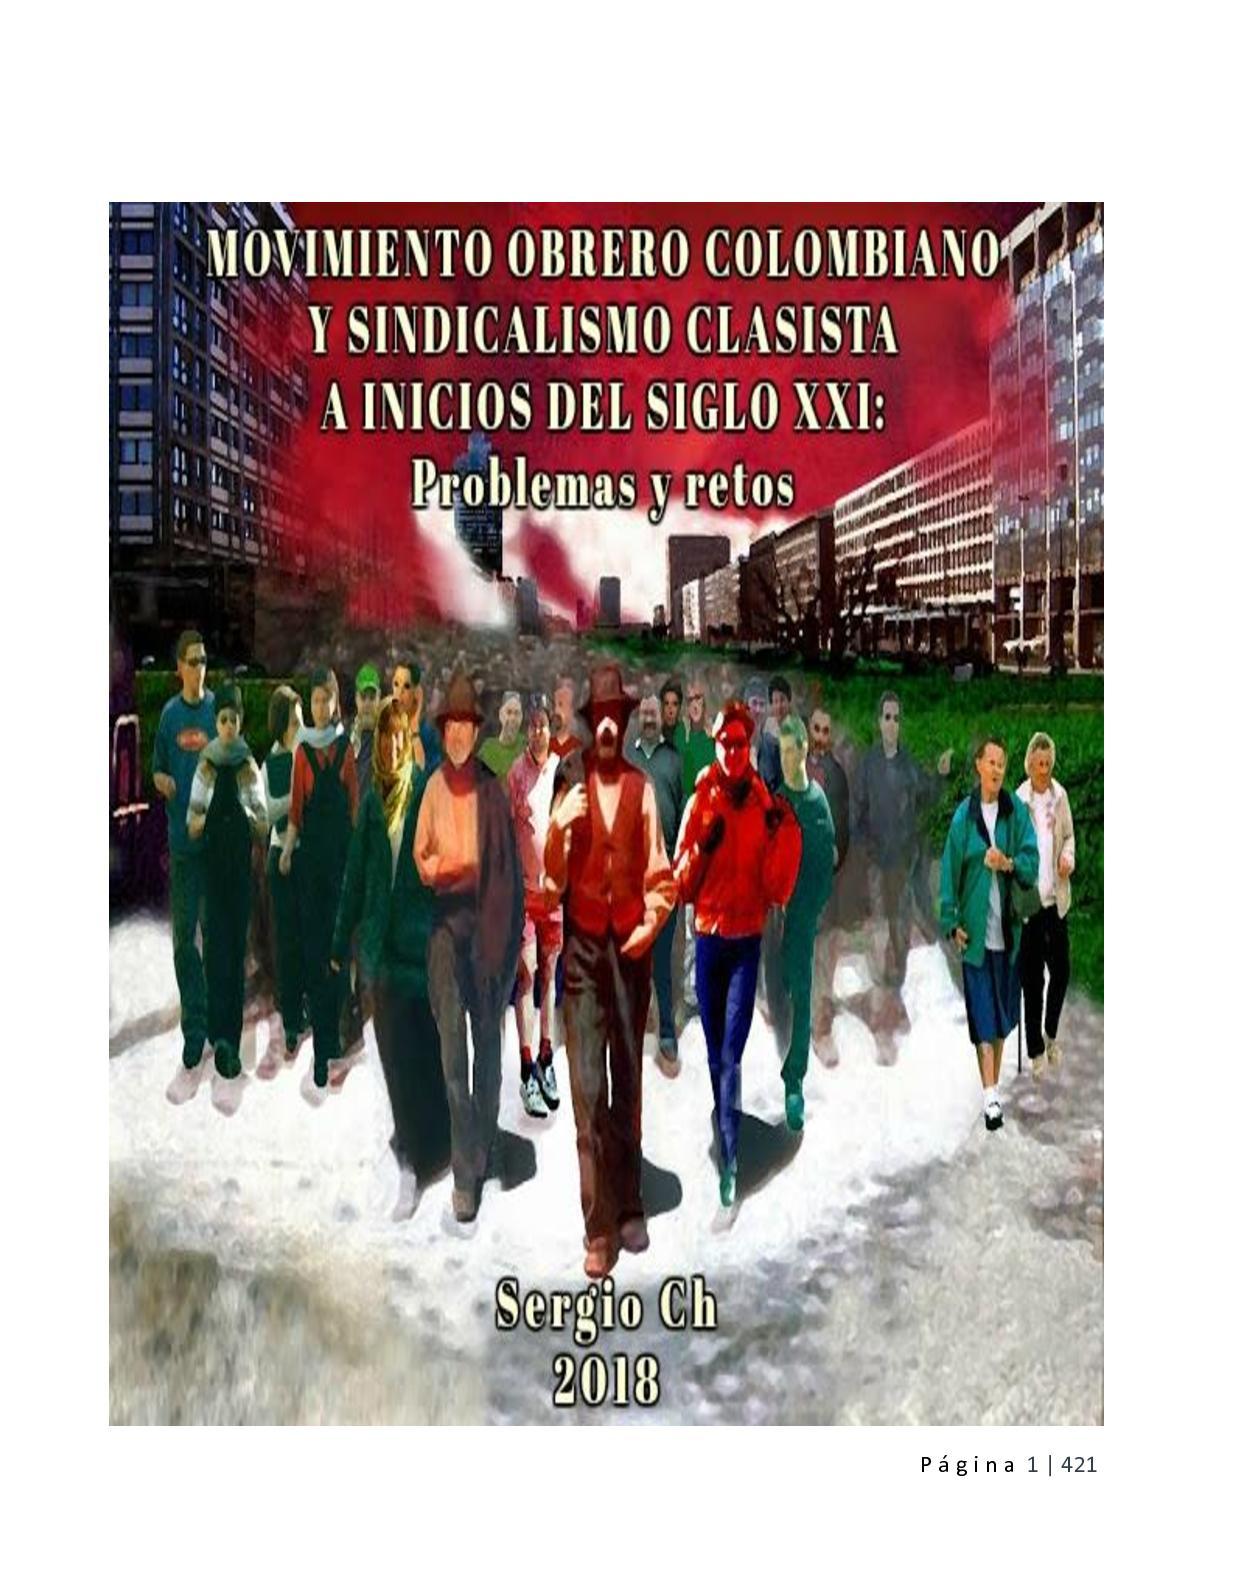 92311b16c1 Calaméo - Libro 2018 MOVIMIENTO OBRERO COLOMBIANO Y SINDICALISMO CLASISTA A  INICIOS DEL SIGLO XXI: Problemas y retos